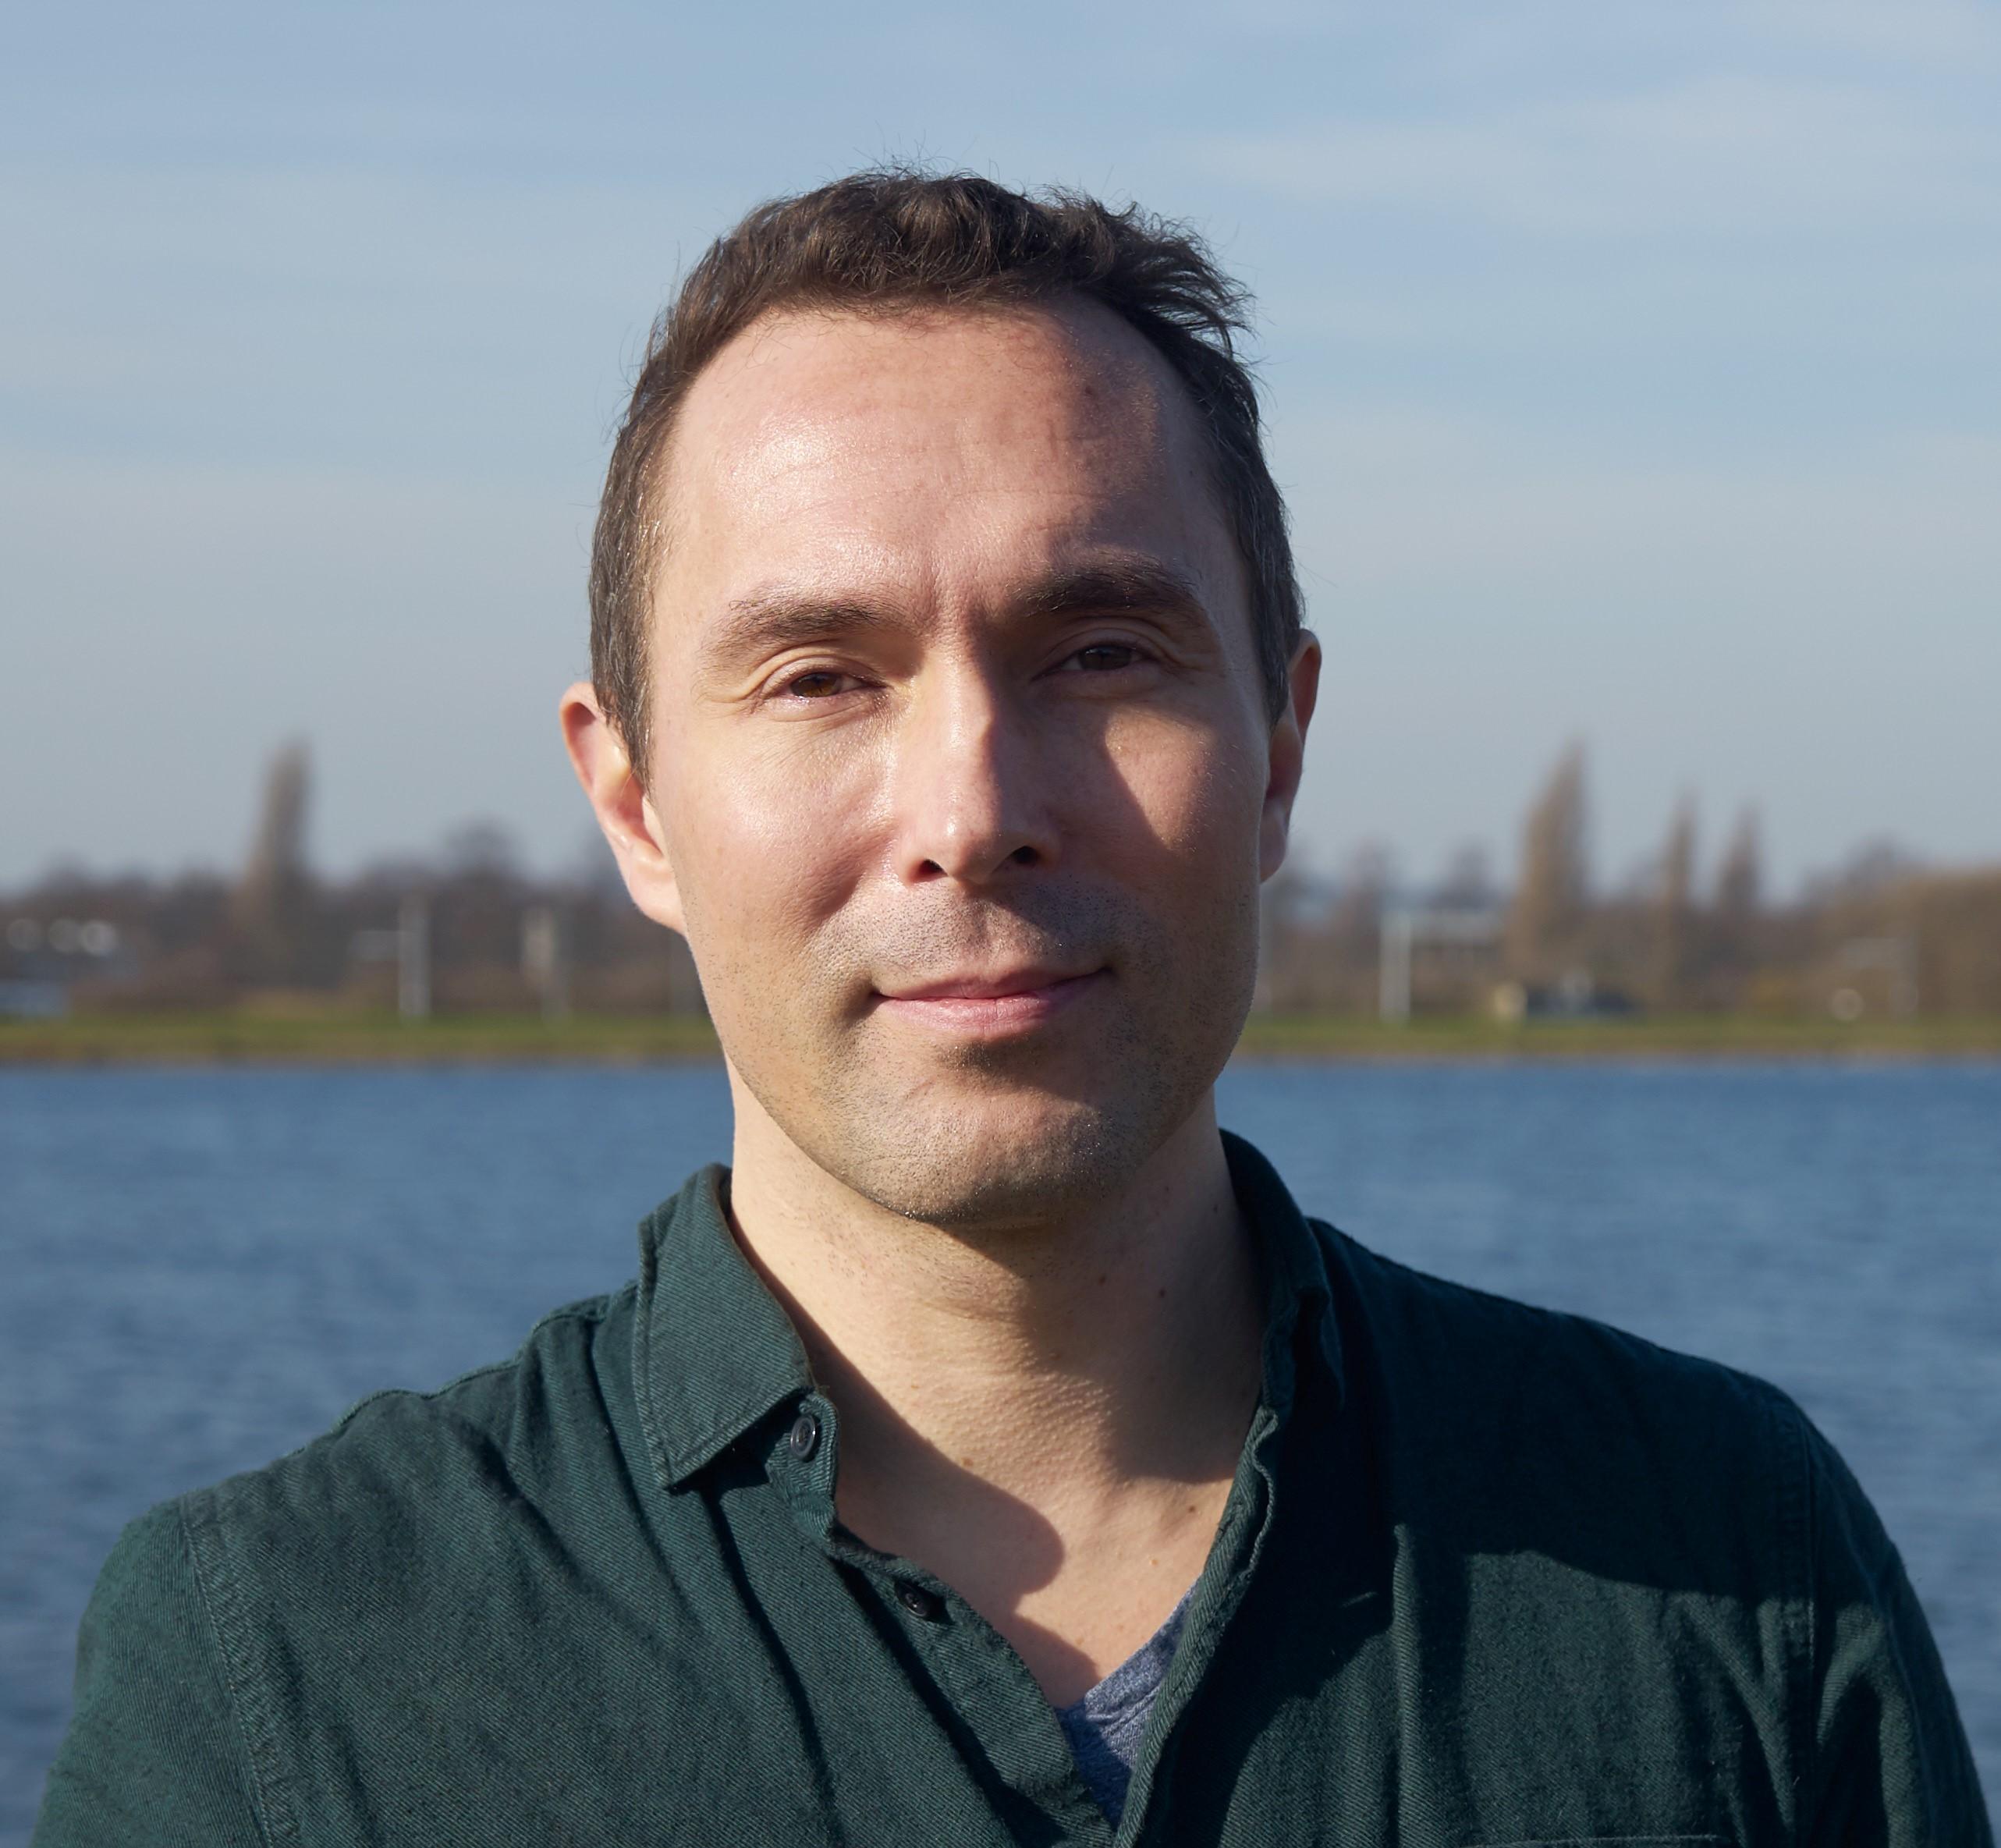 Simon Kasprowicz